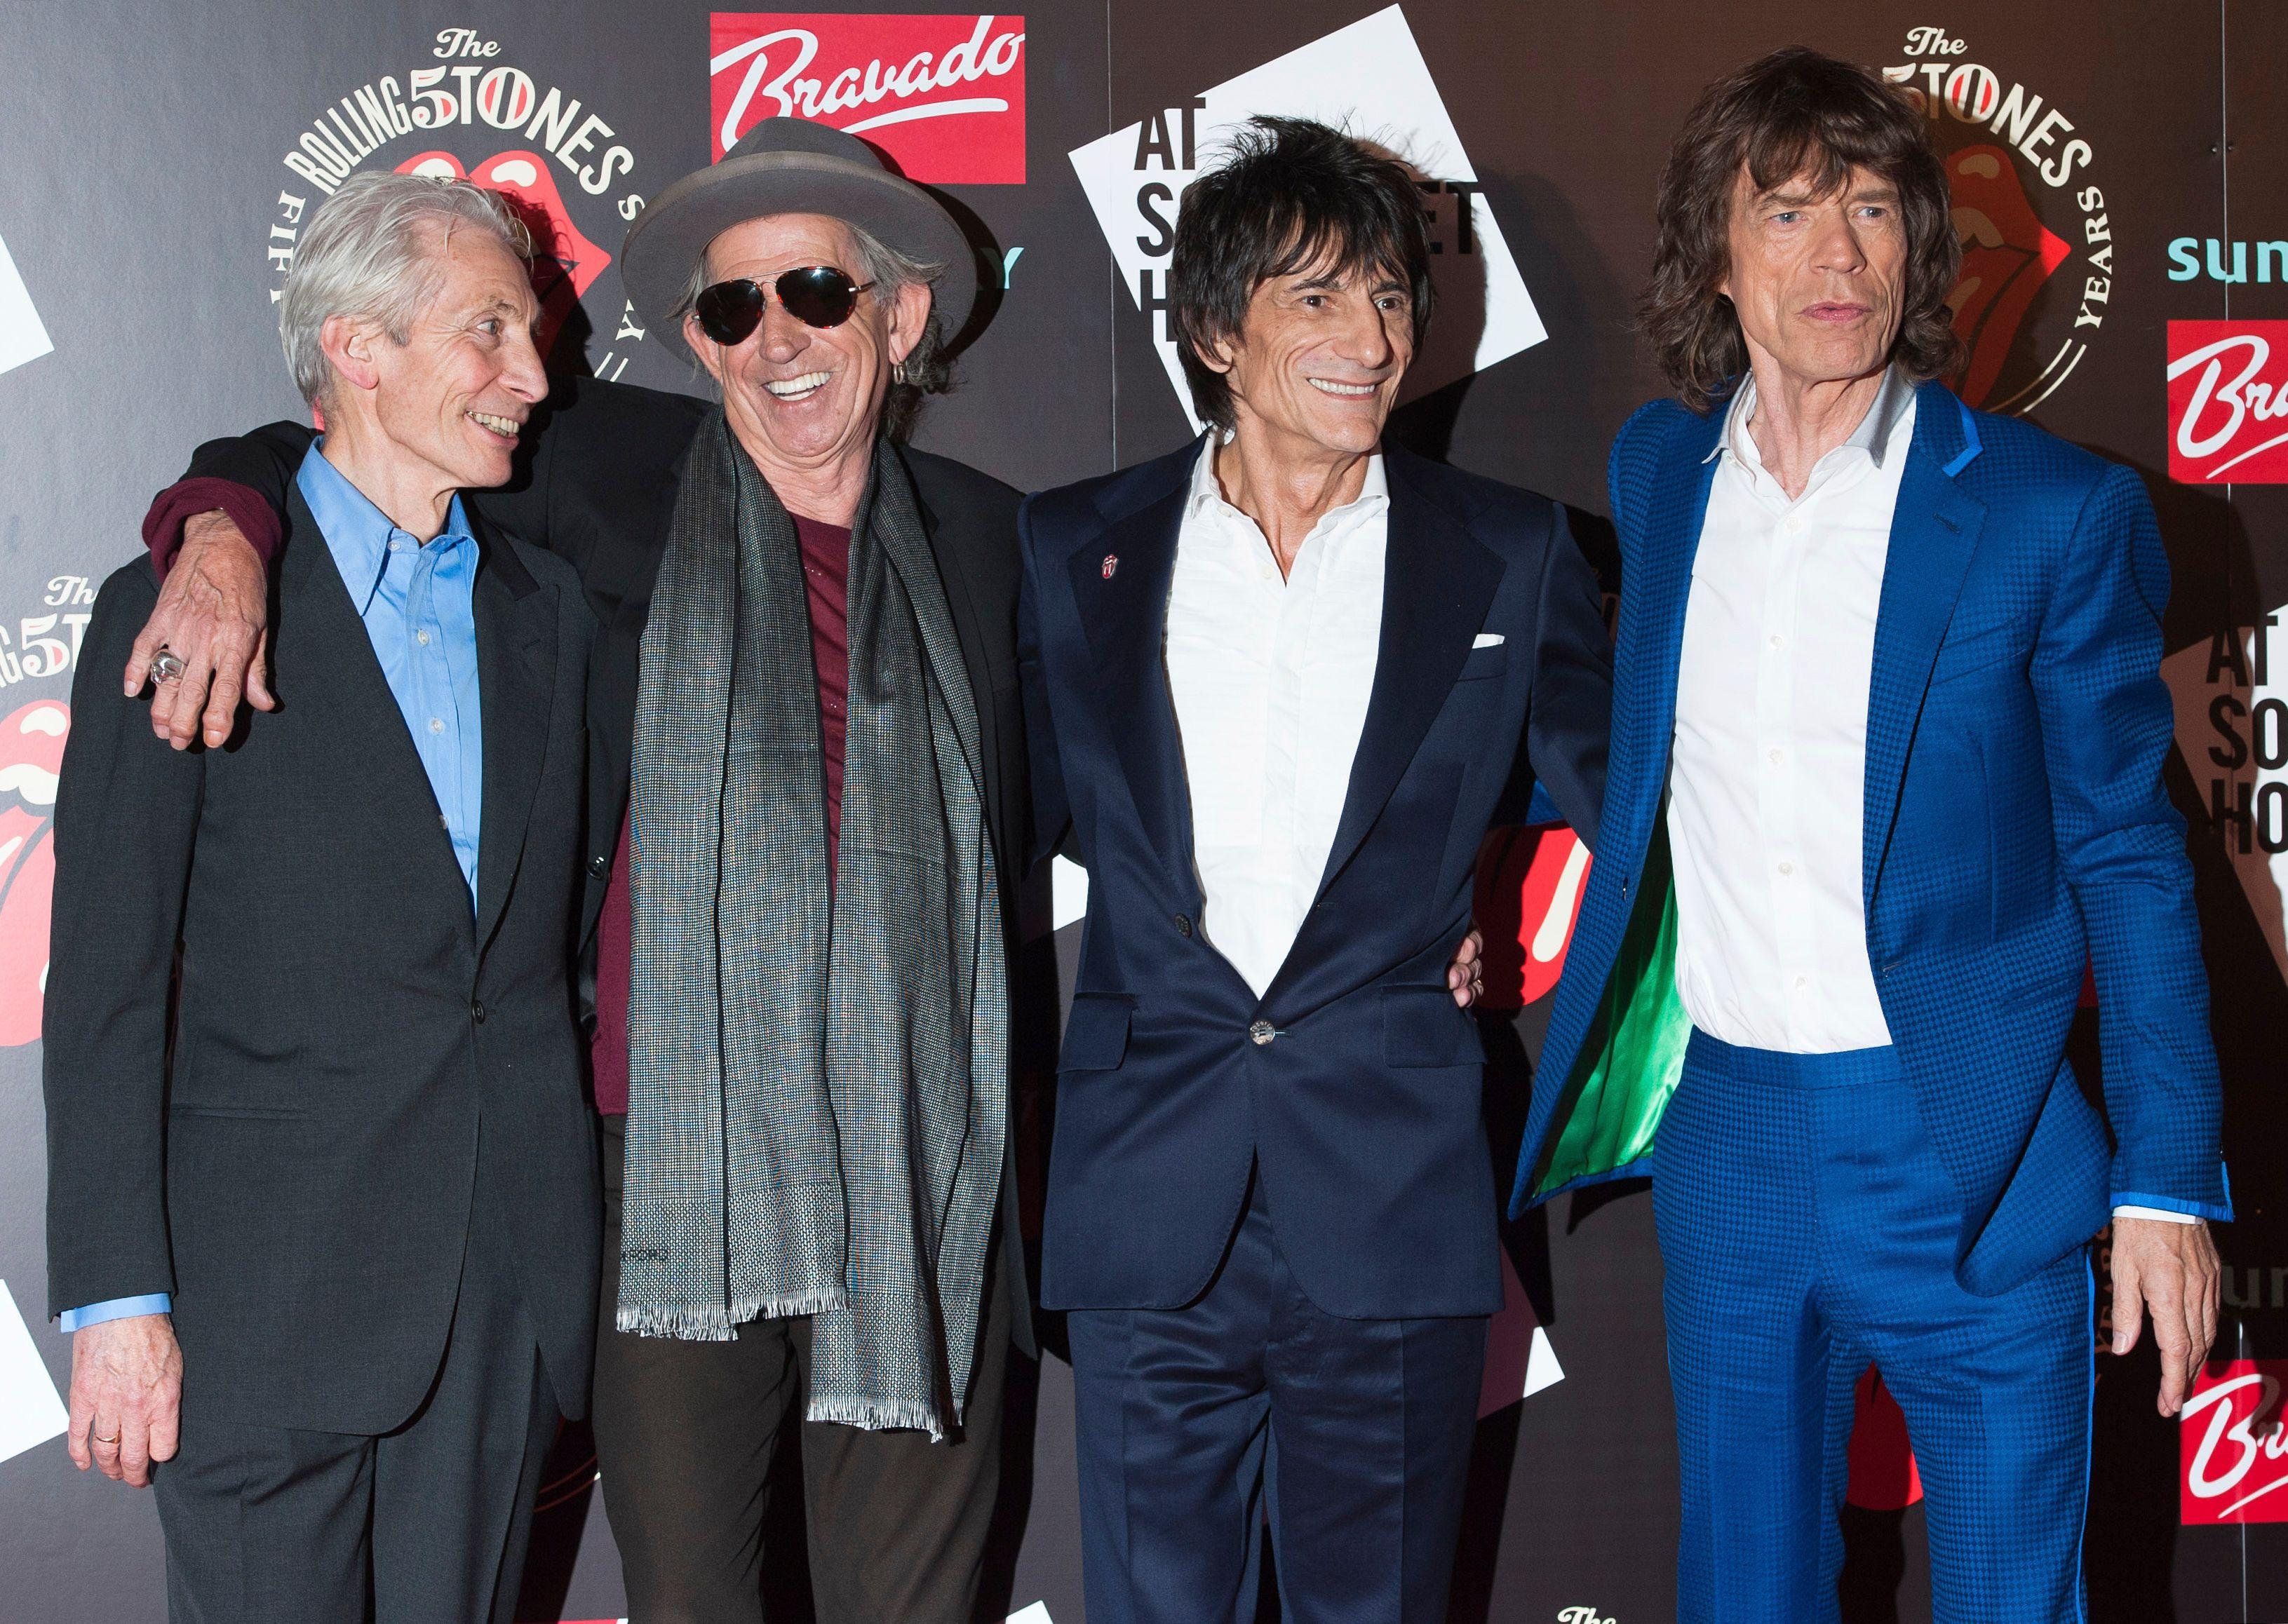 En 1971, les Rolling Stones avait quitté la Grande-Bretagne pour s'exiler sur la côte d'Azur.